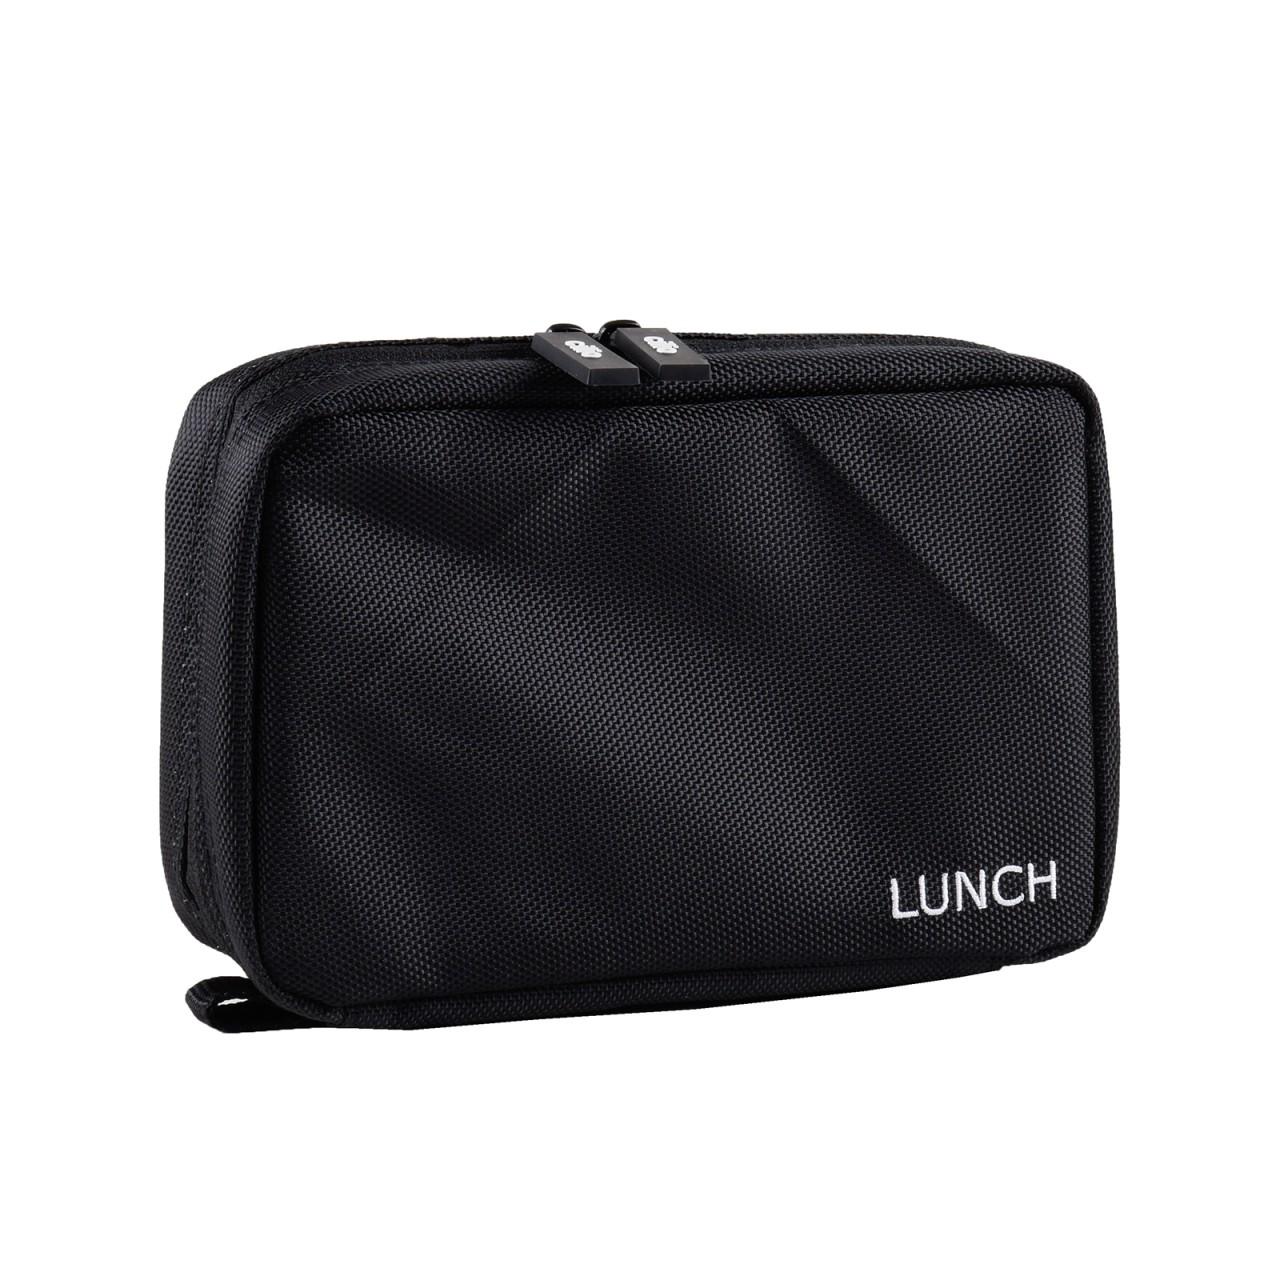 CILIO Dolomiti Lunch-Pocket Isoliertasche, Schwarz